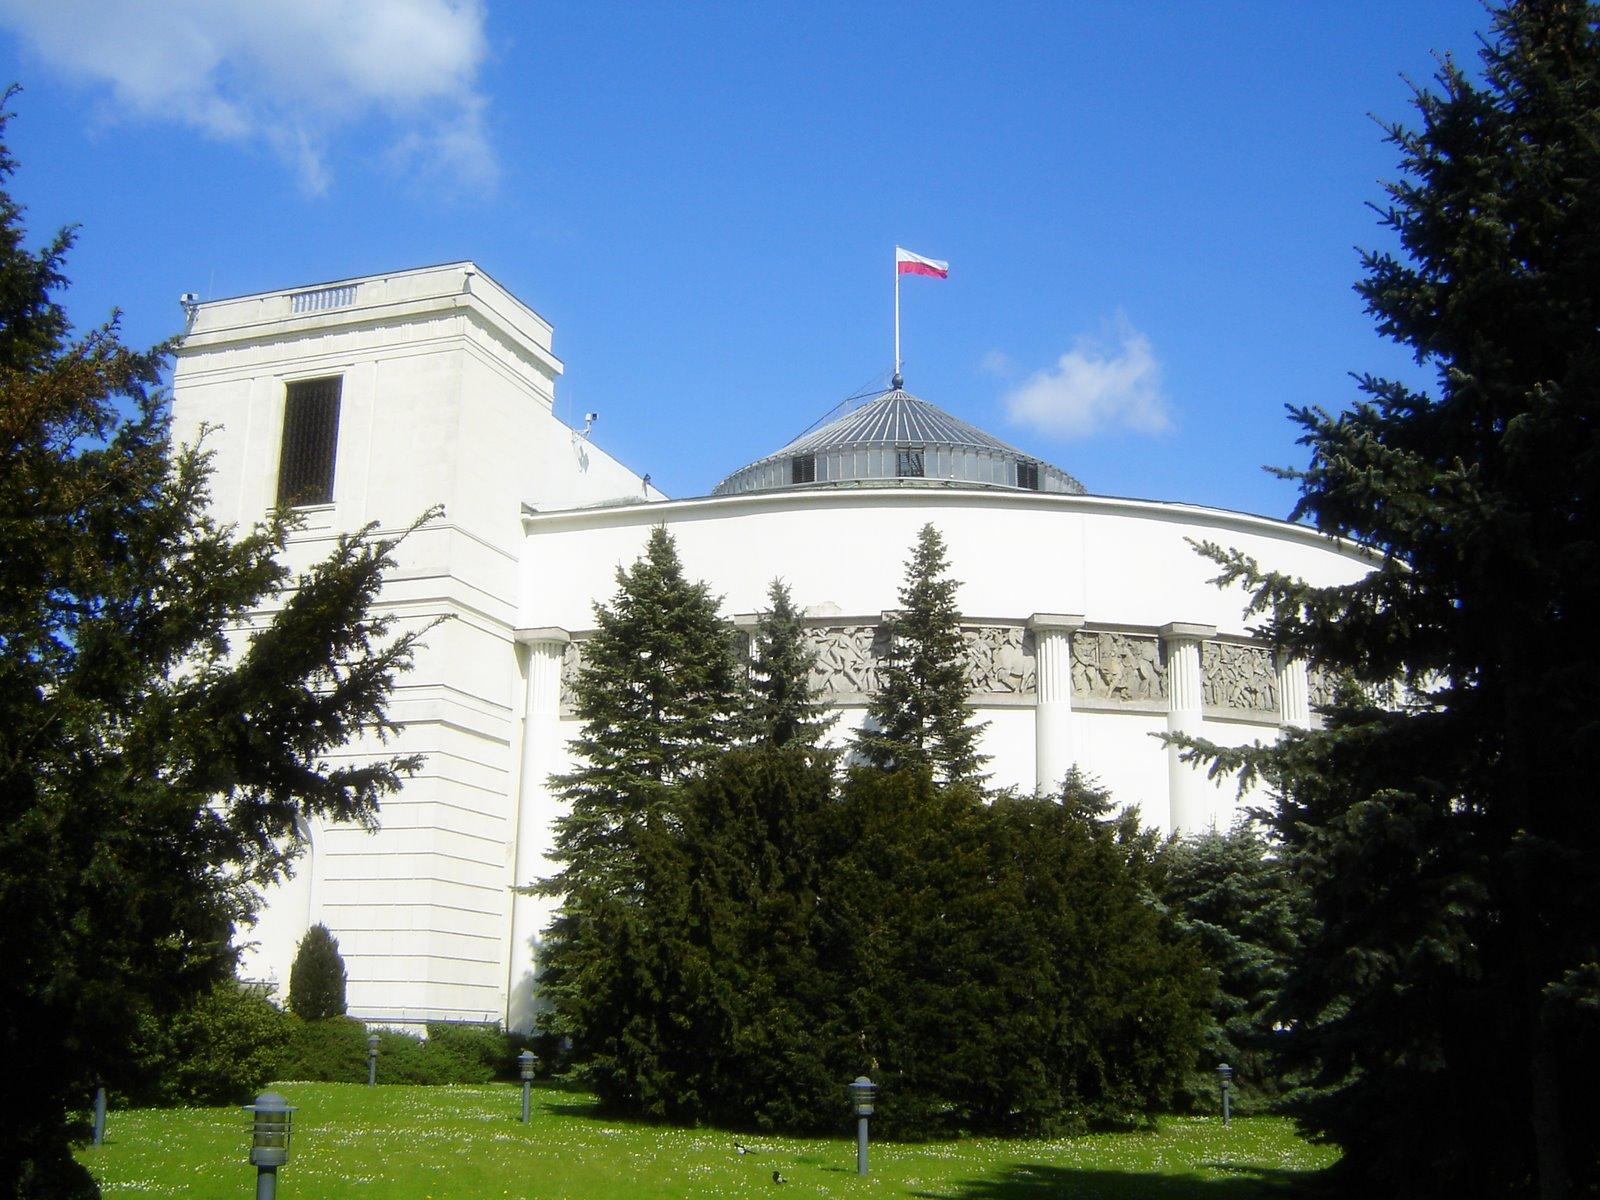 Posłowie wybudują sobie gabinet za ćwierć miliona złotych